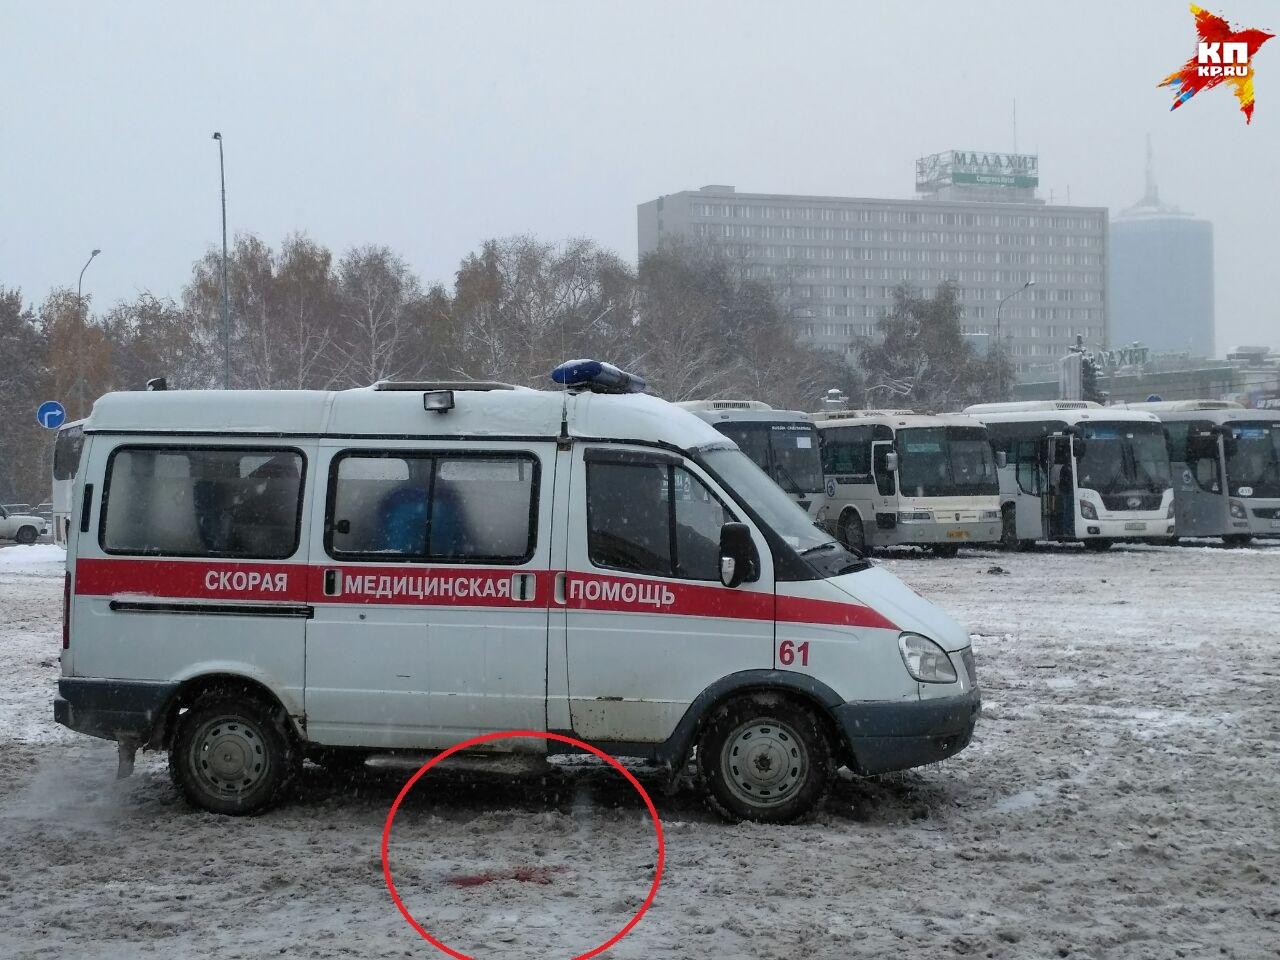 Рейсовый автобус насмерть сбил девушку-пешехода наавтовокзале Челябинска